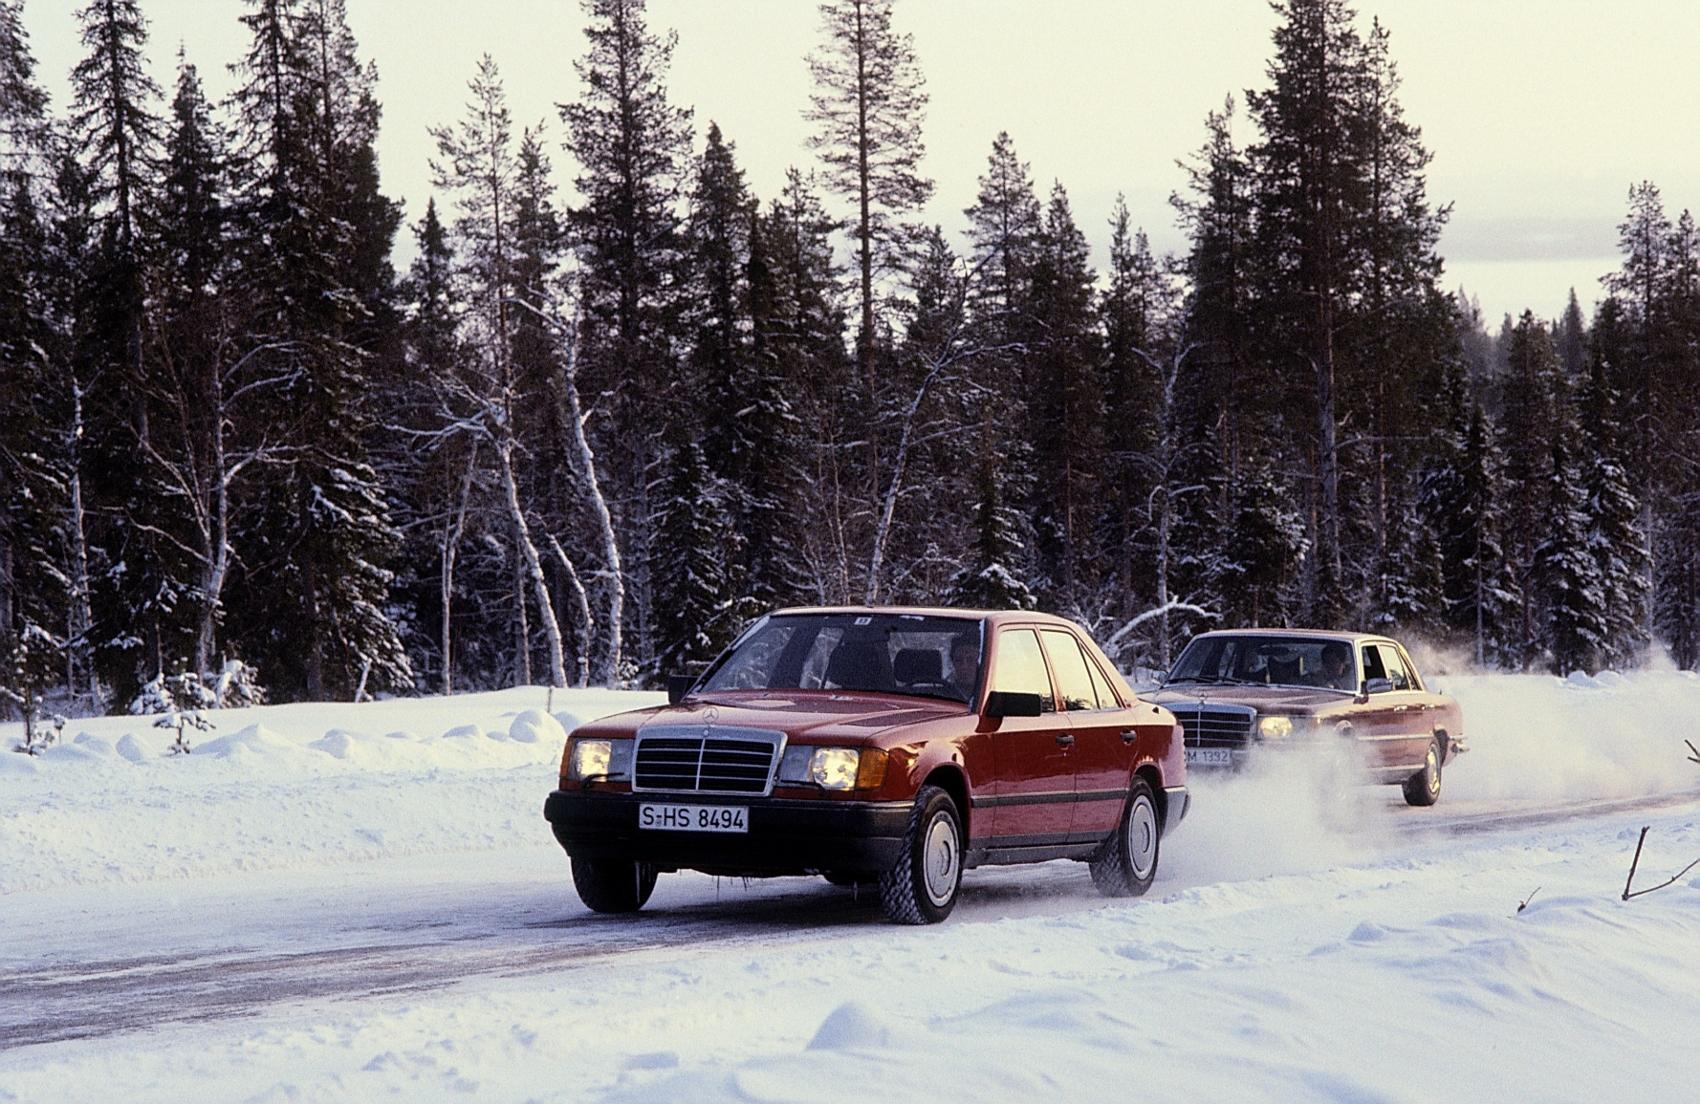 Návrat na autosalón IAA 1985: Mercedes predstavil nové systémy ASD, ASR a 4MATIC Q1jwiQWZ4M 85f462-1